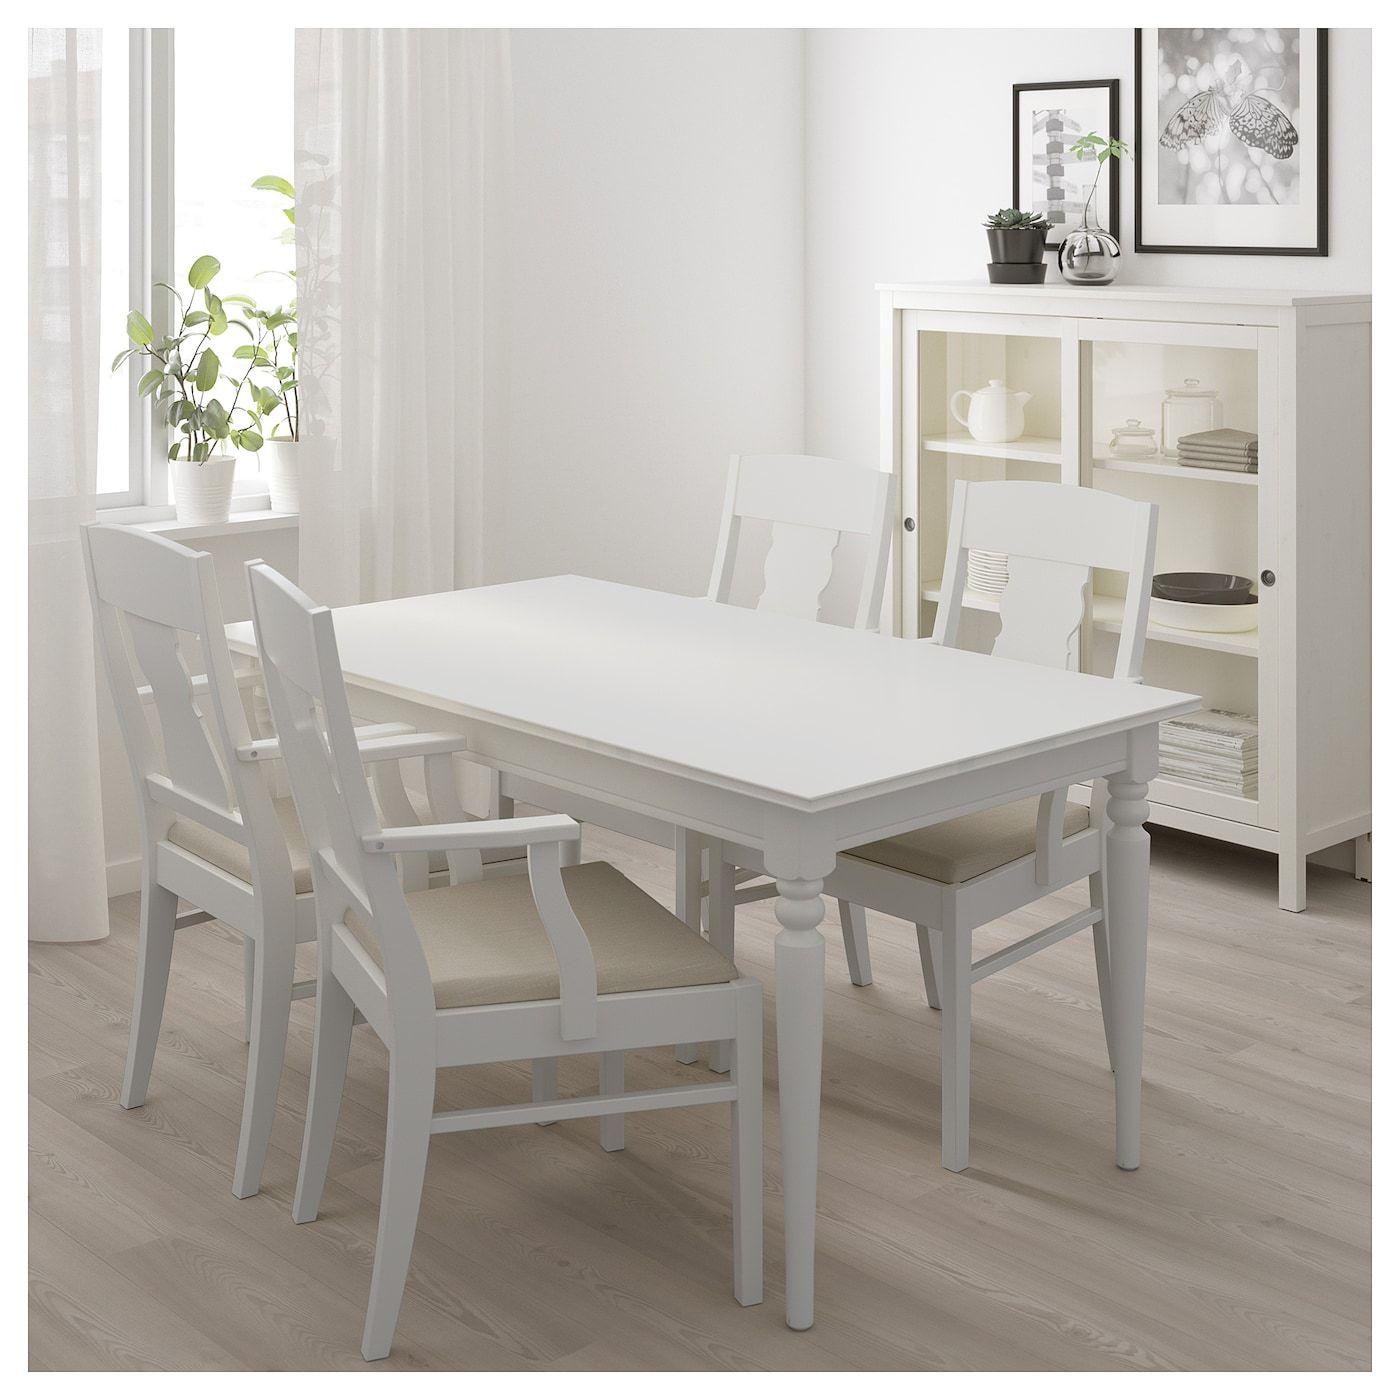 Ingatorp Tisch Und 4 Stuhle Weiss Products In 2019 Weisse